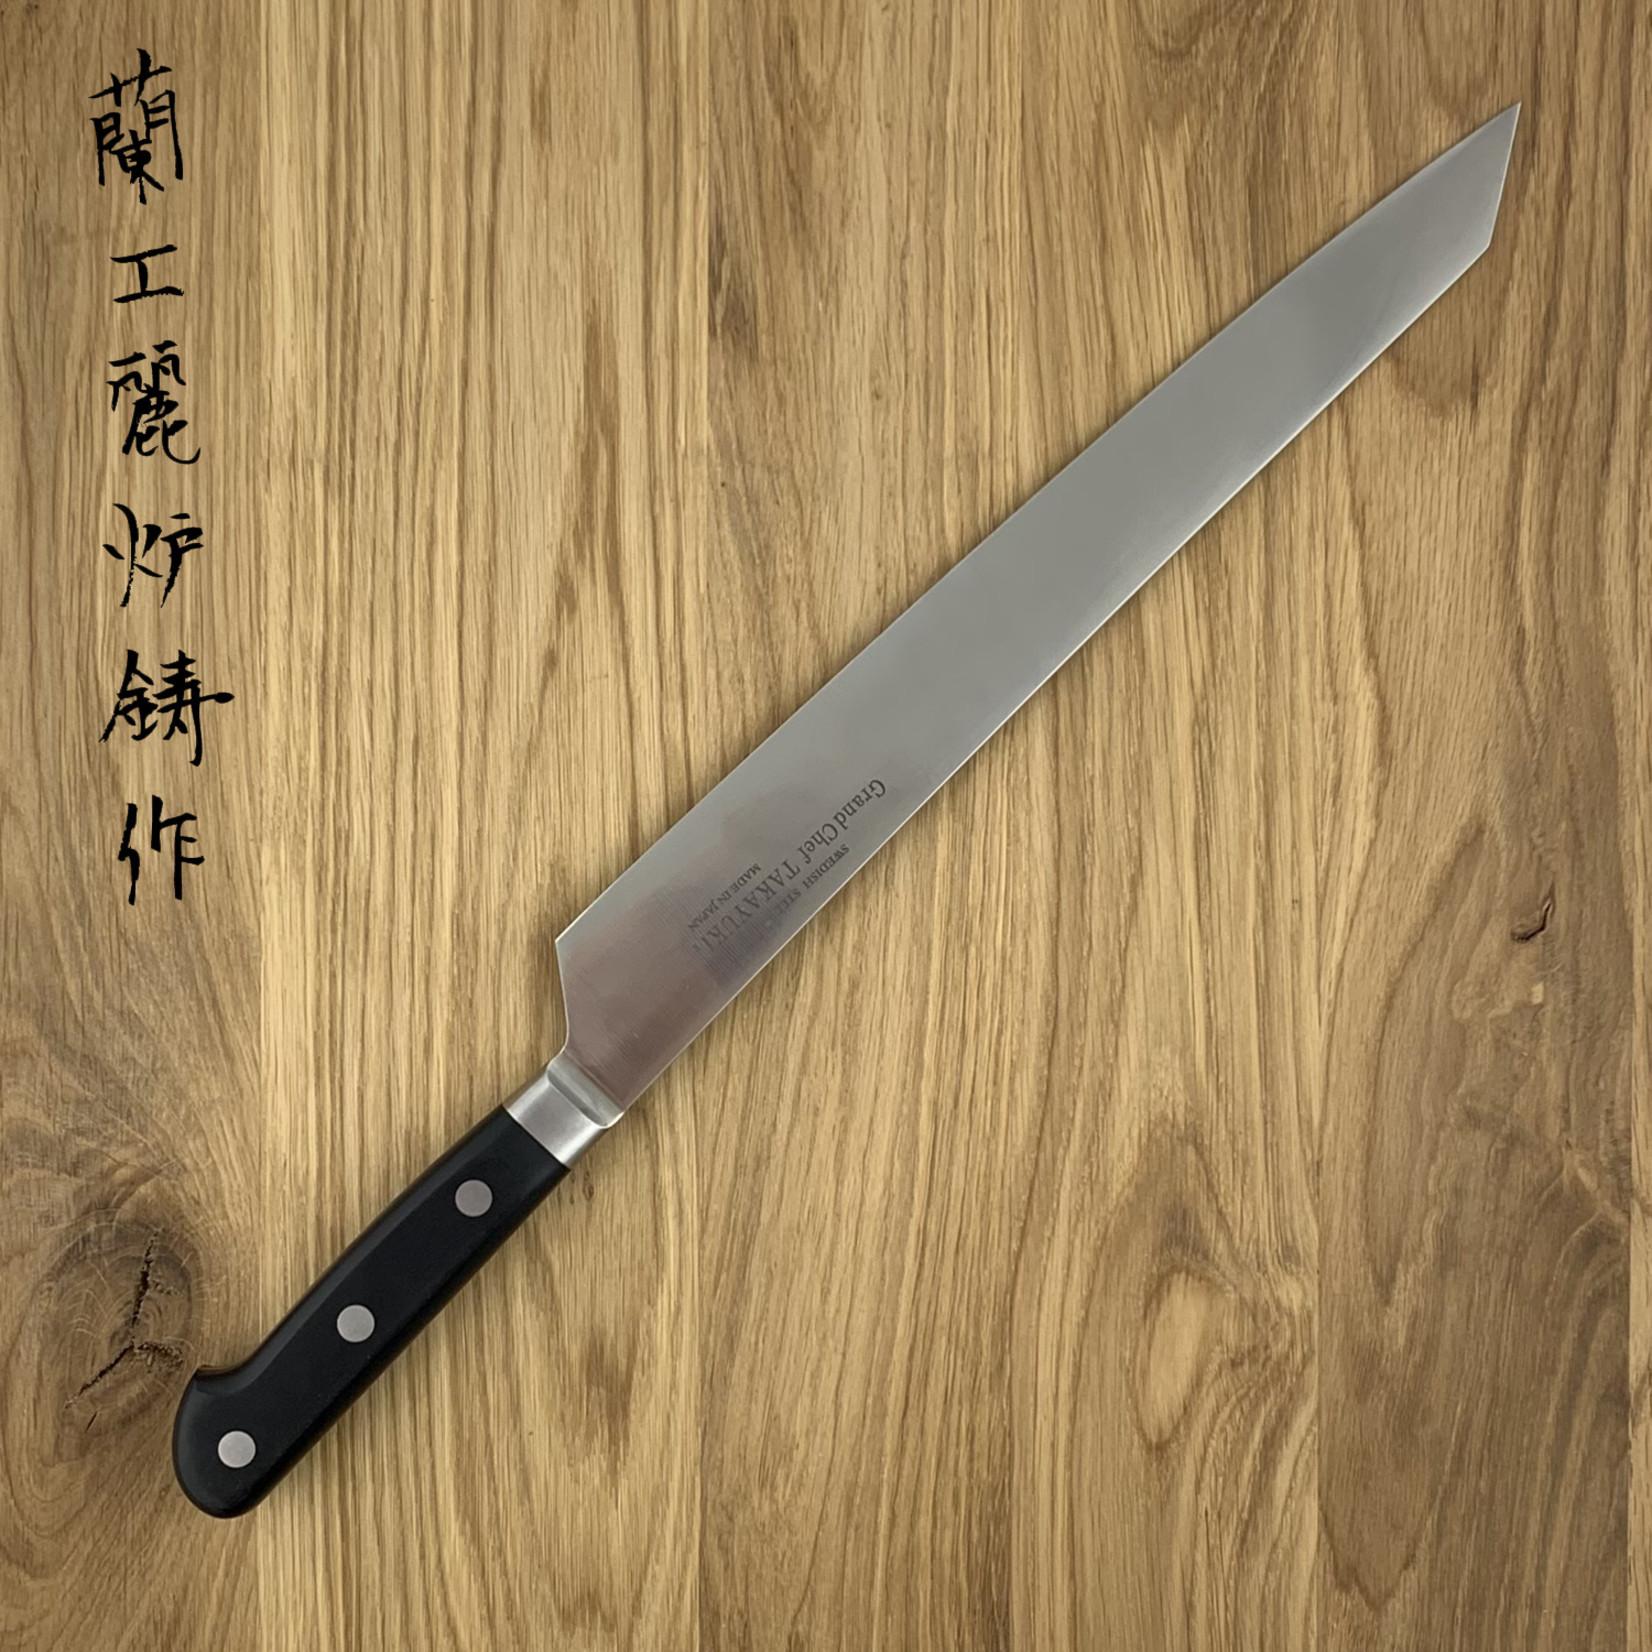 SAKAI TAKAYUKI Grand Chef Yanagiba Kiritsuke 300 mm 10047